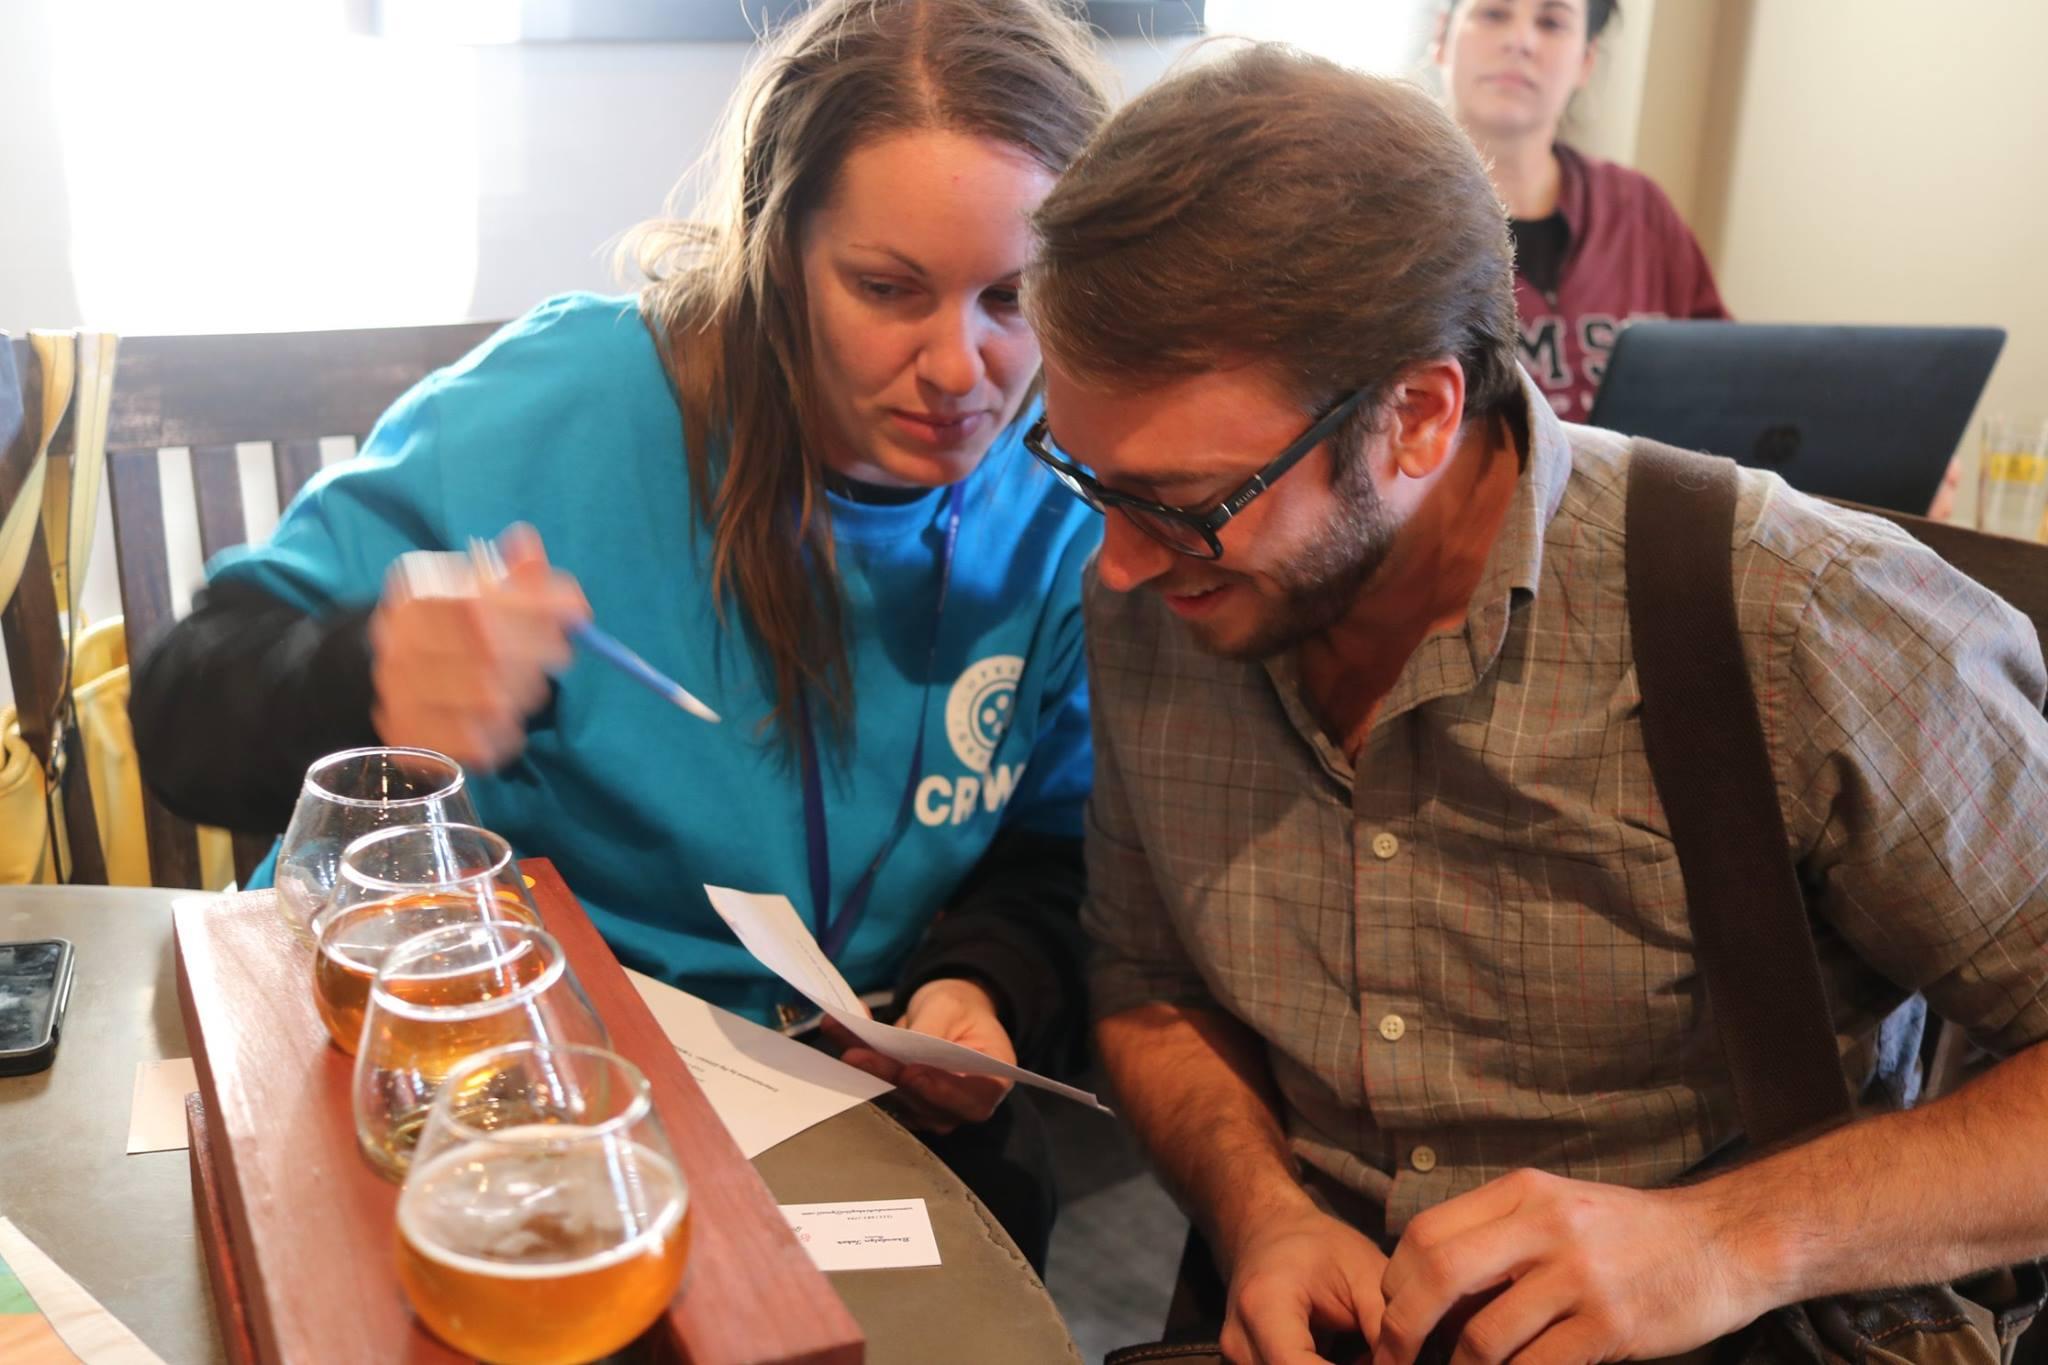 Volunteer Jaime Adams helps a guest during a Whiskey Tasting and screening in 2017.